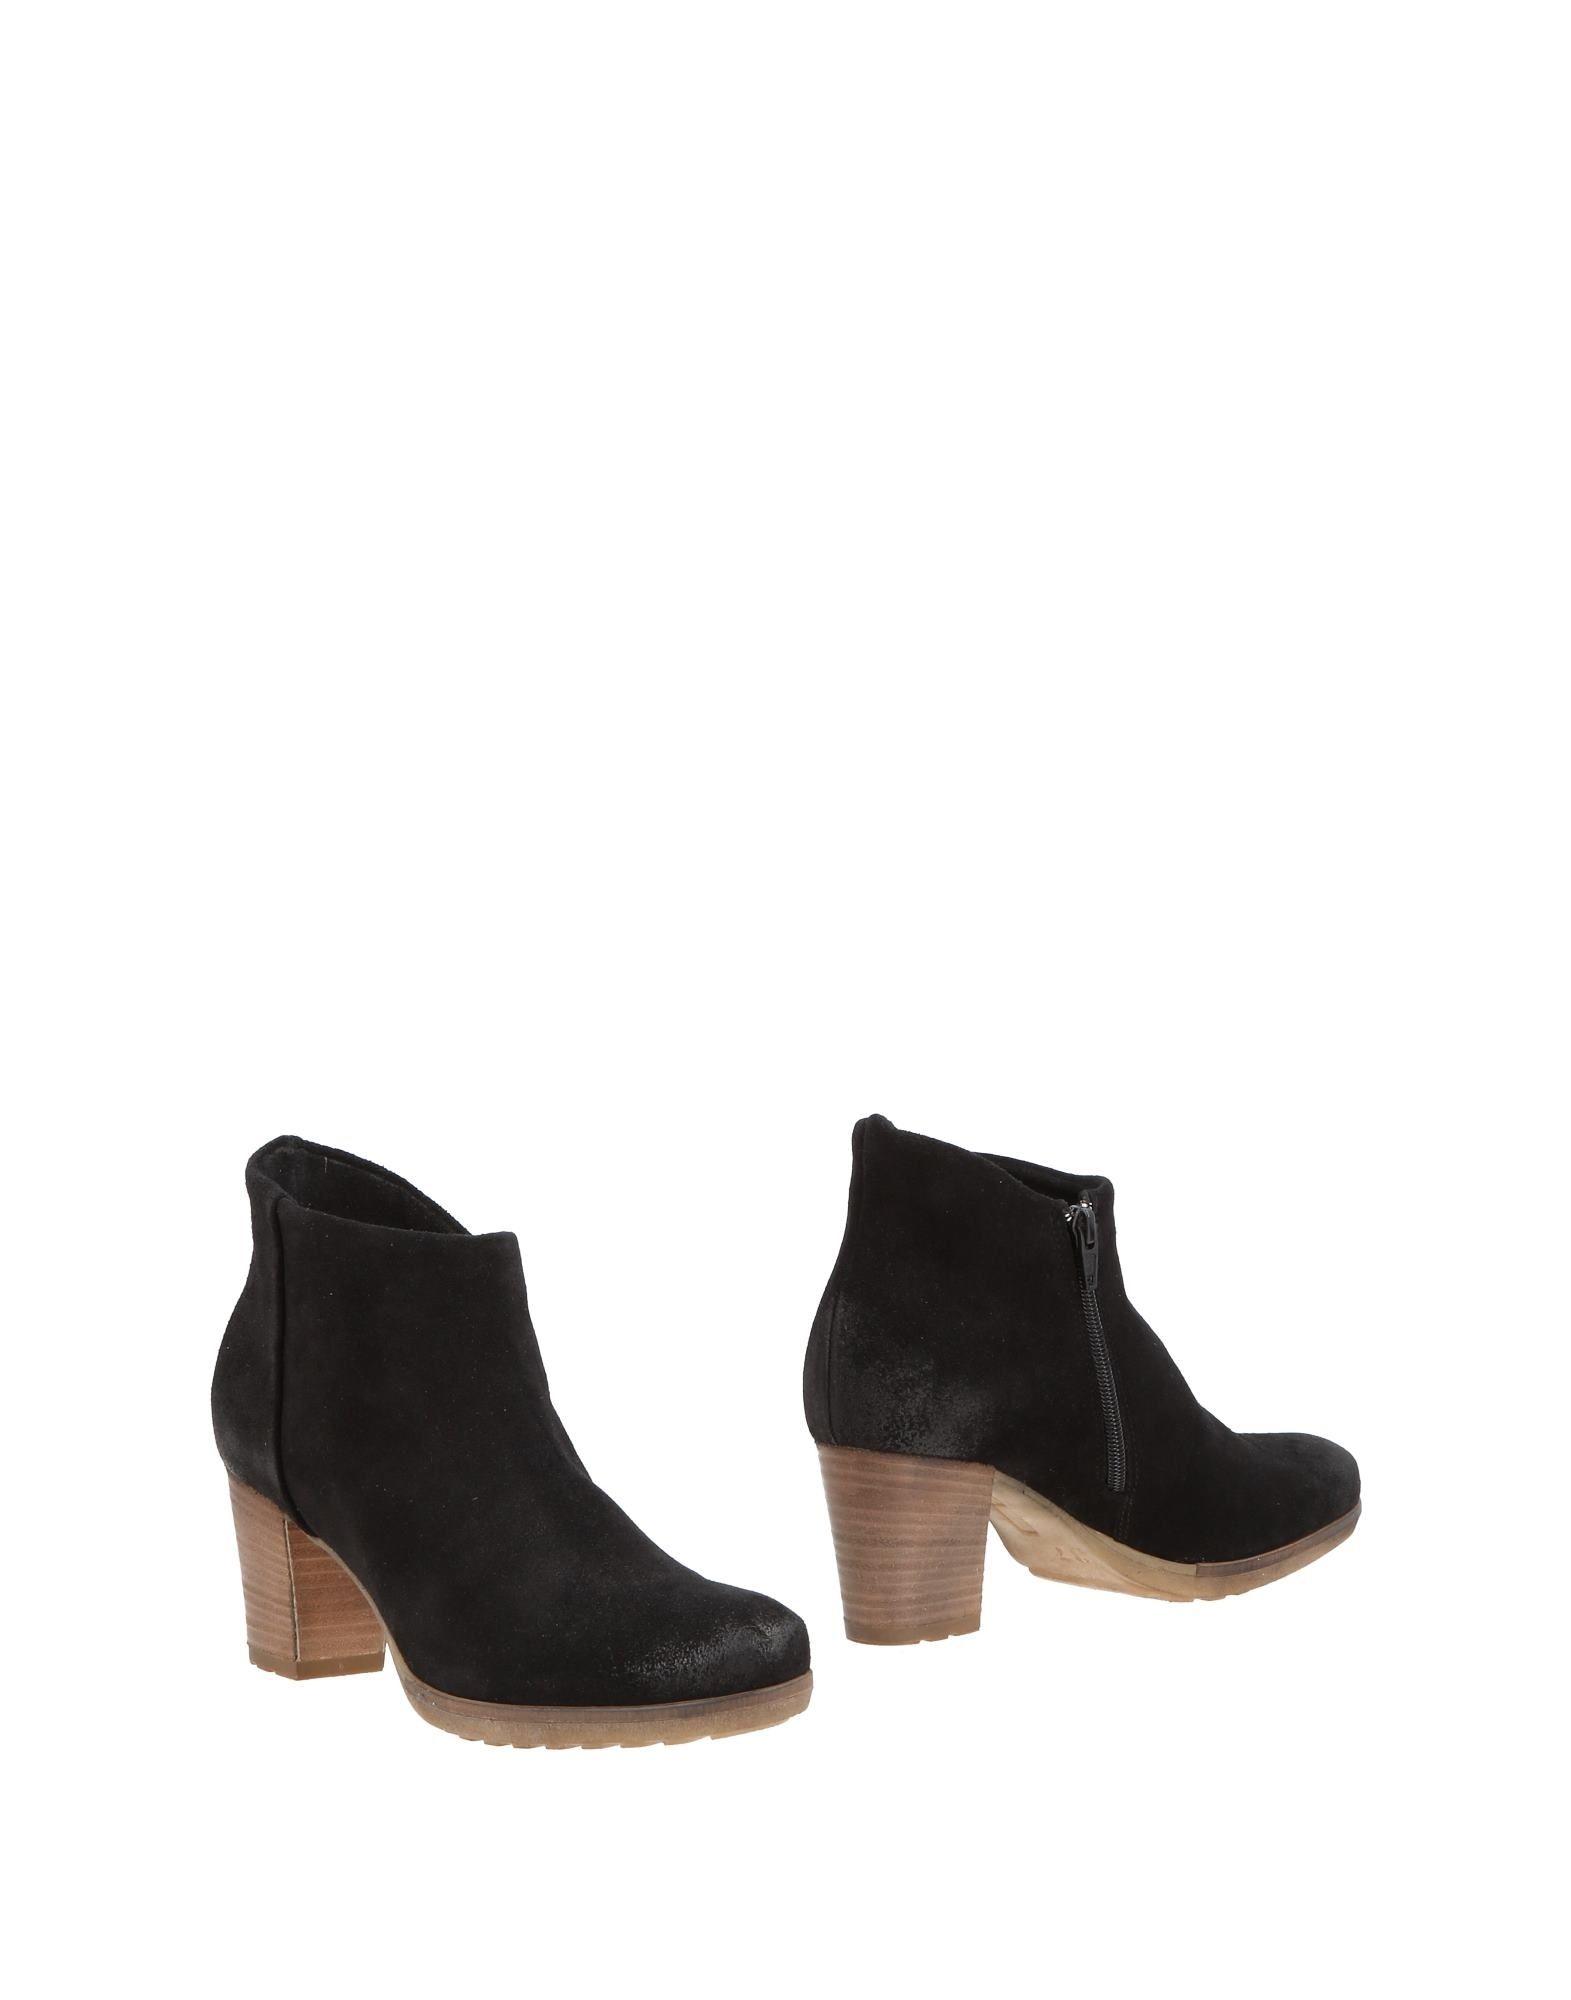 Manas 11499063IS Stiefelette Damen  11499063IS Manas Gute Qualität beliebte Schuhe 5c65f5